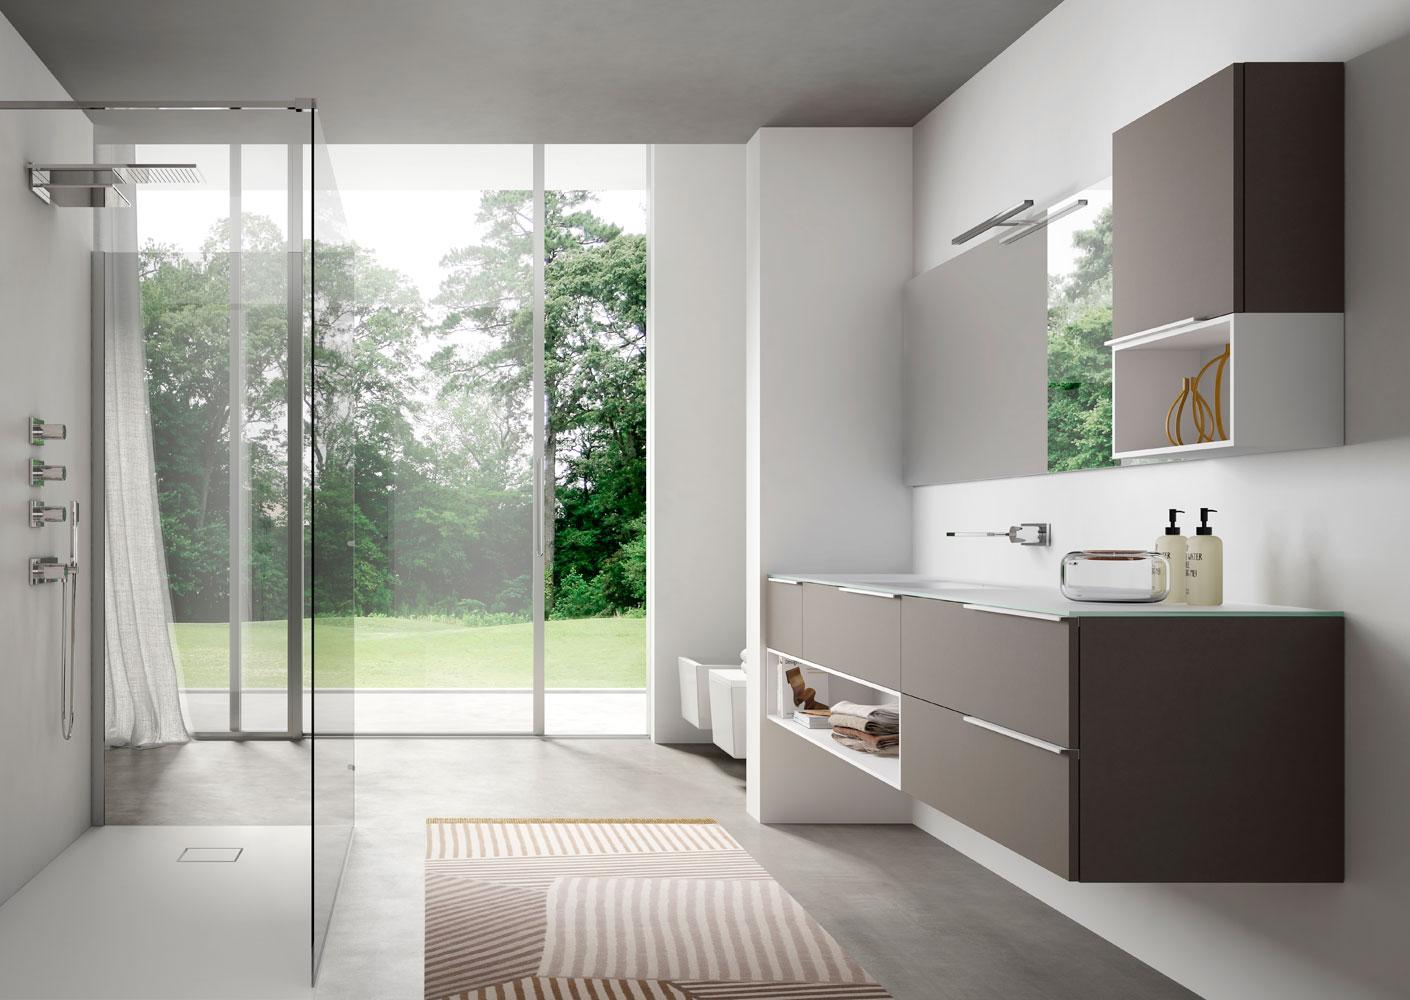 Mobili bagno moderni my time ideagroup - Idee per arredo bagno ...